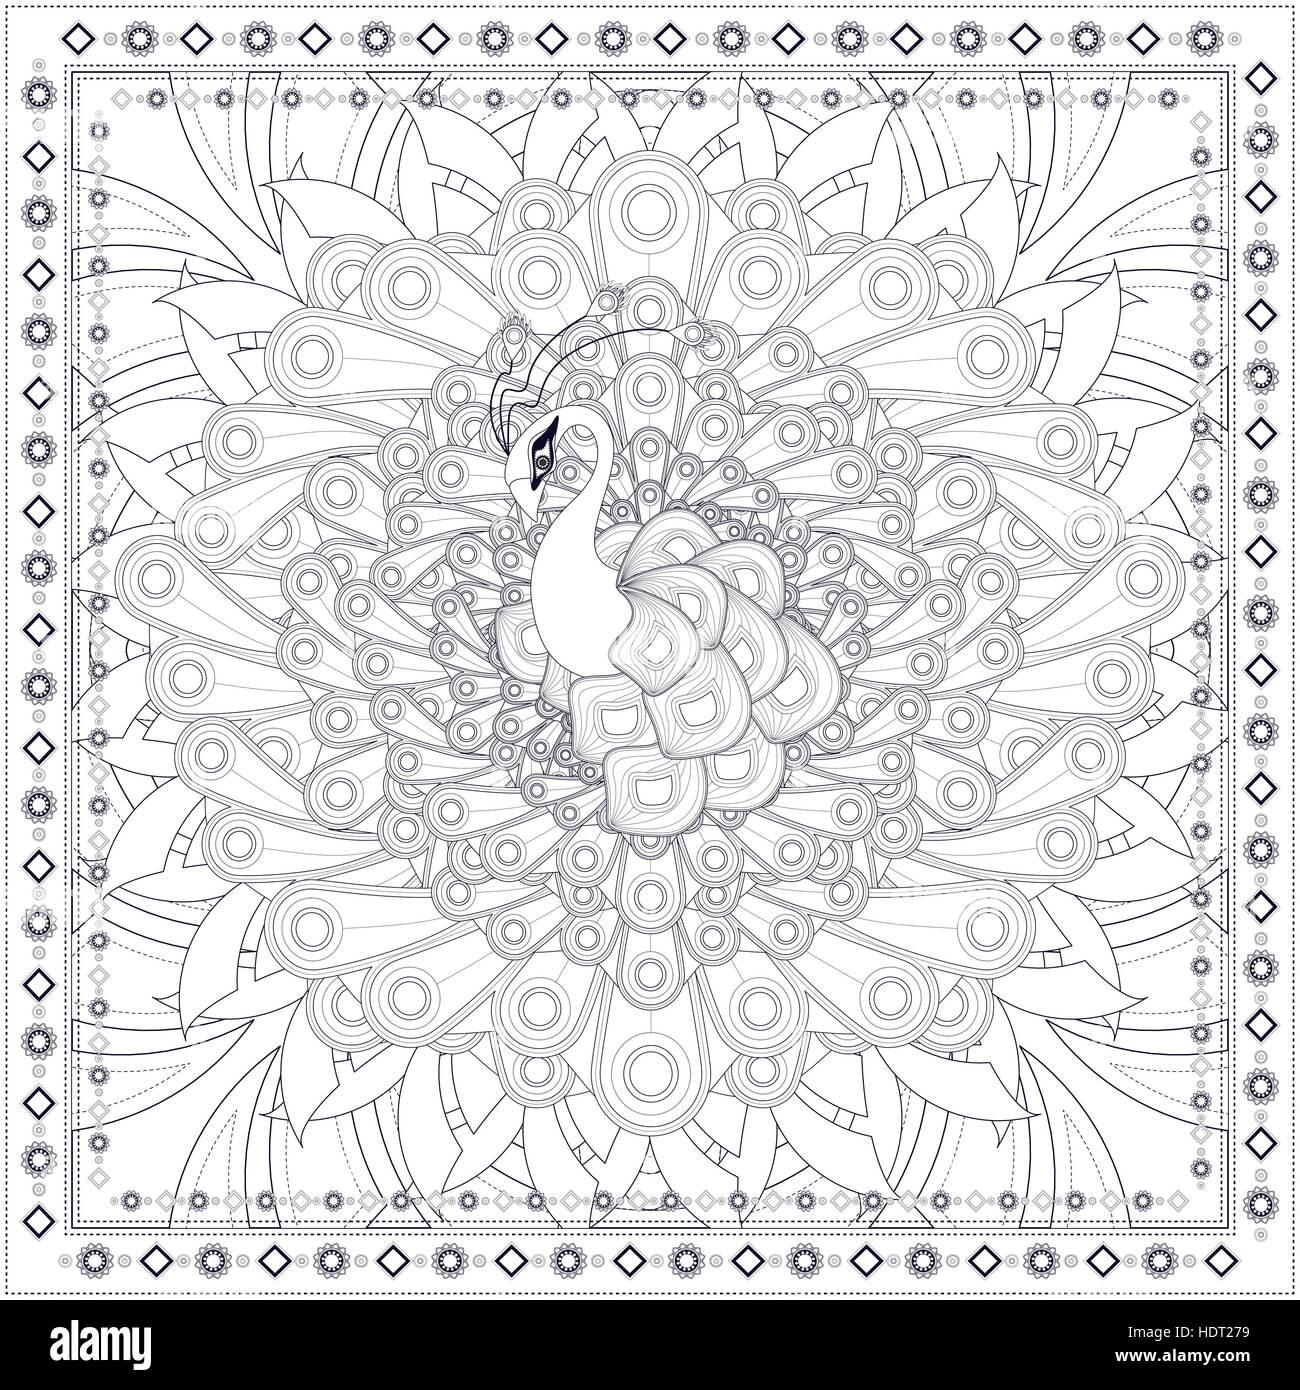 Paon magnifique coloriage design en style ethnique vecteurs et illustration image vectorielle - Coloriage magnifique ...